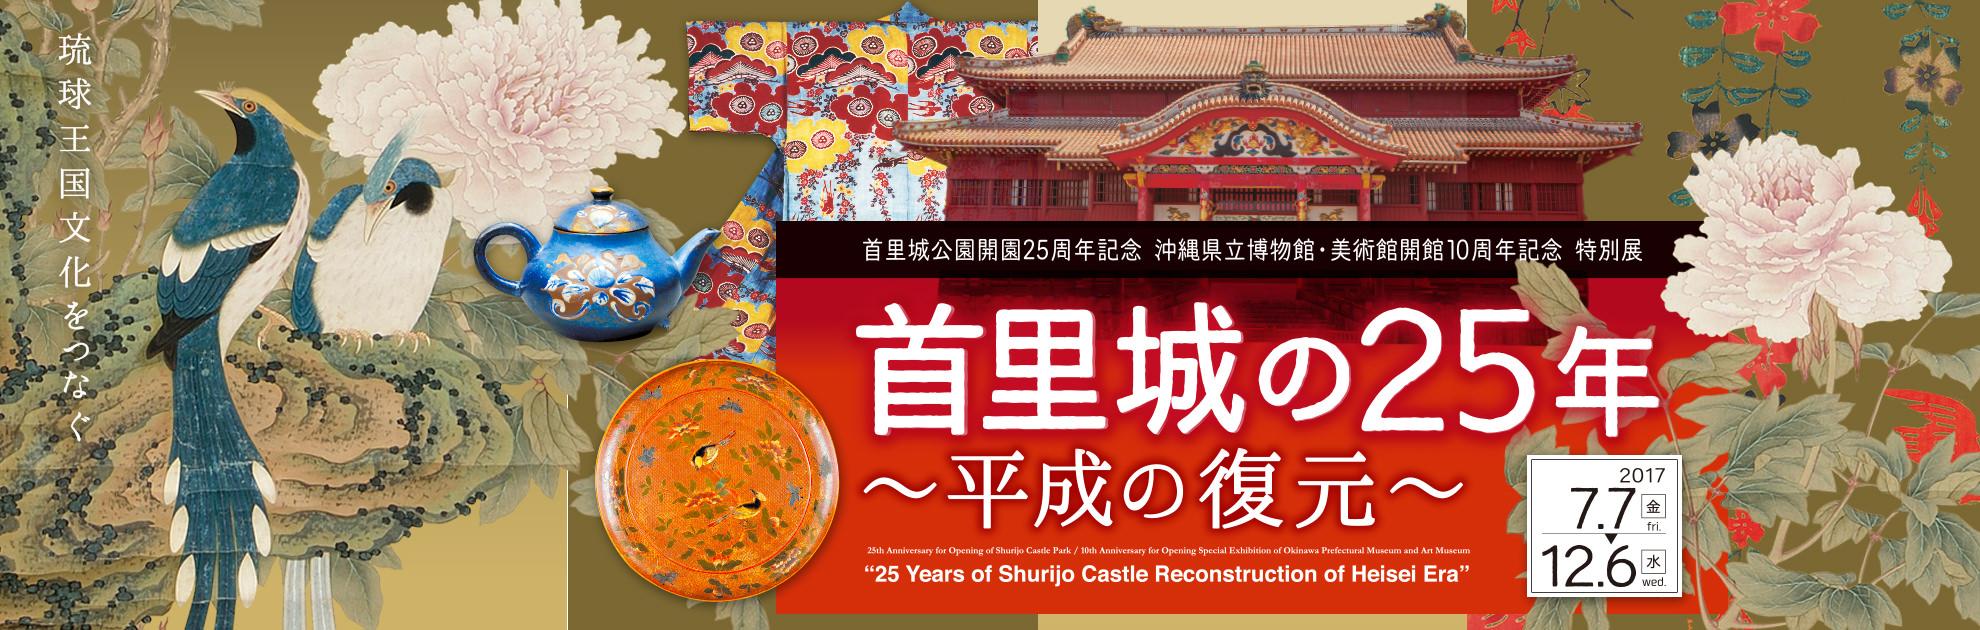 首里城公園開園25周年紀念沖繩縣立博物館、美術館開館10周年紀念特別展覽首里城的25年~平成的復原~